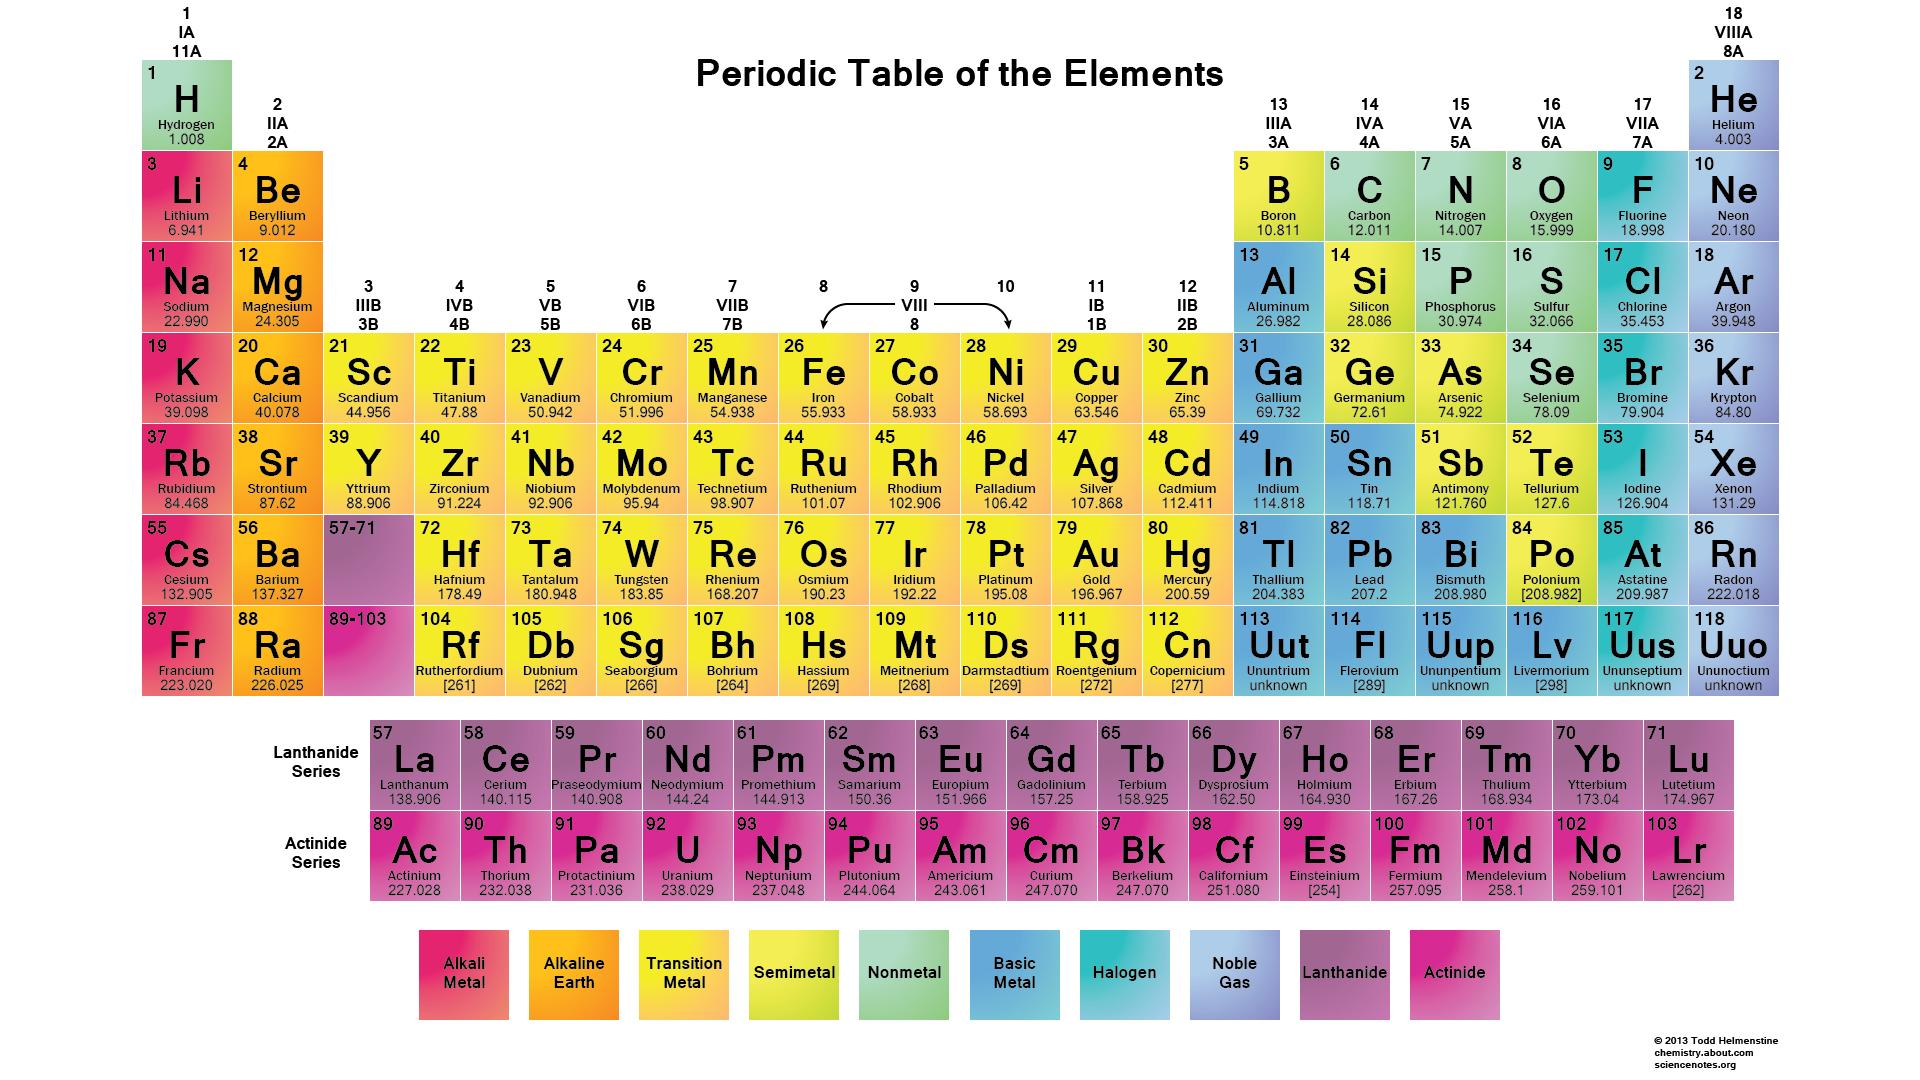 tabla periodica de los elementos quimicos actualizada para imprimir tabla periodica de los elementos quimicos grande - Tabla Periodica De Los Elementos Quimicos Para Imprimir Tamano Carta